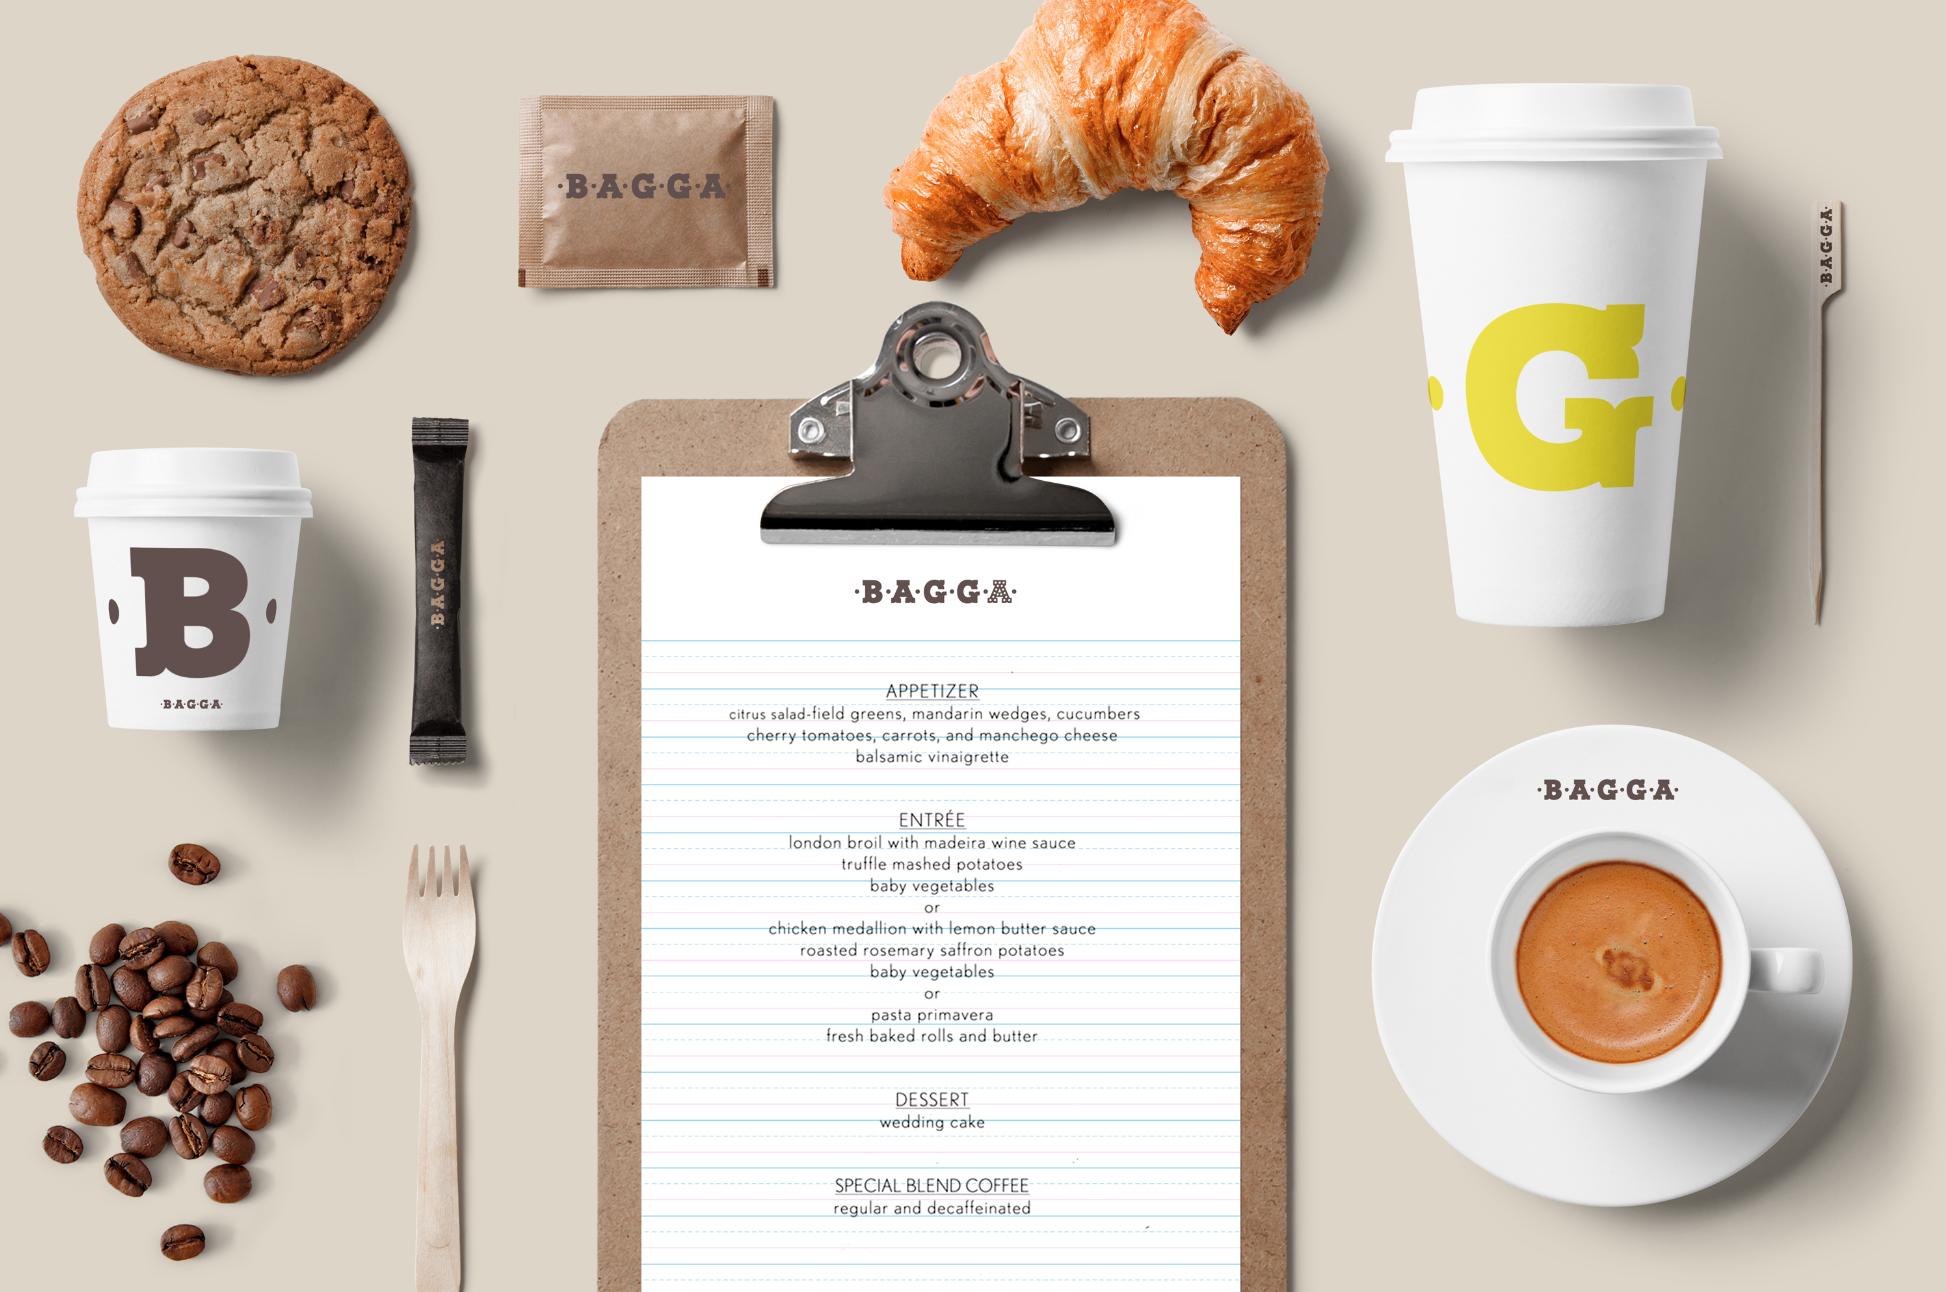 Bagga Caffee brand mood